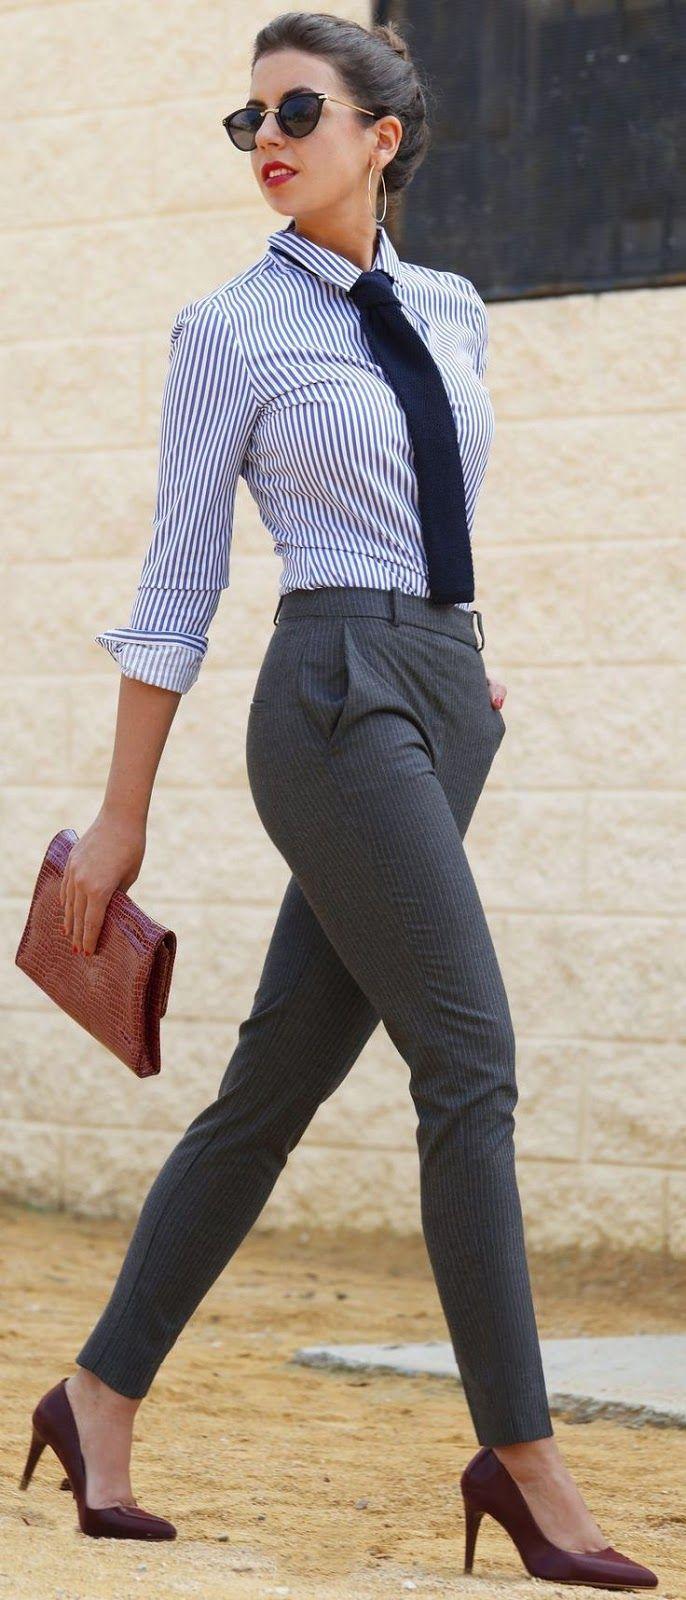 Va bene la moda ma ci servono anche i classici pantaloni a sigaretta | Vita su Marte